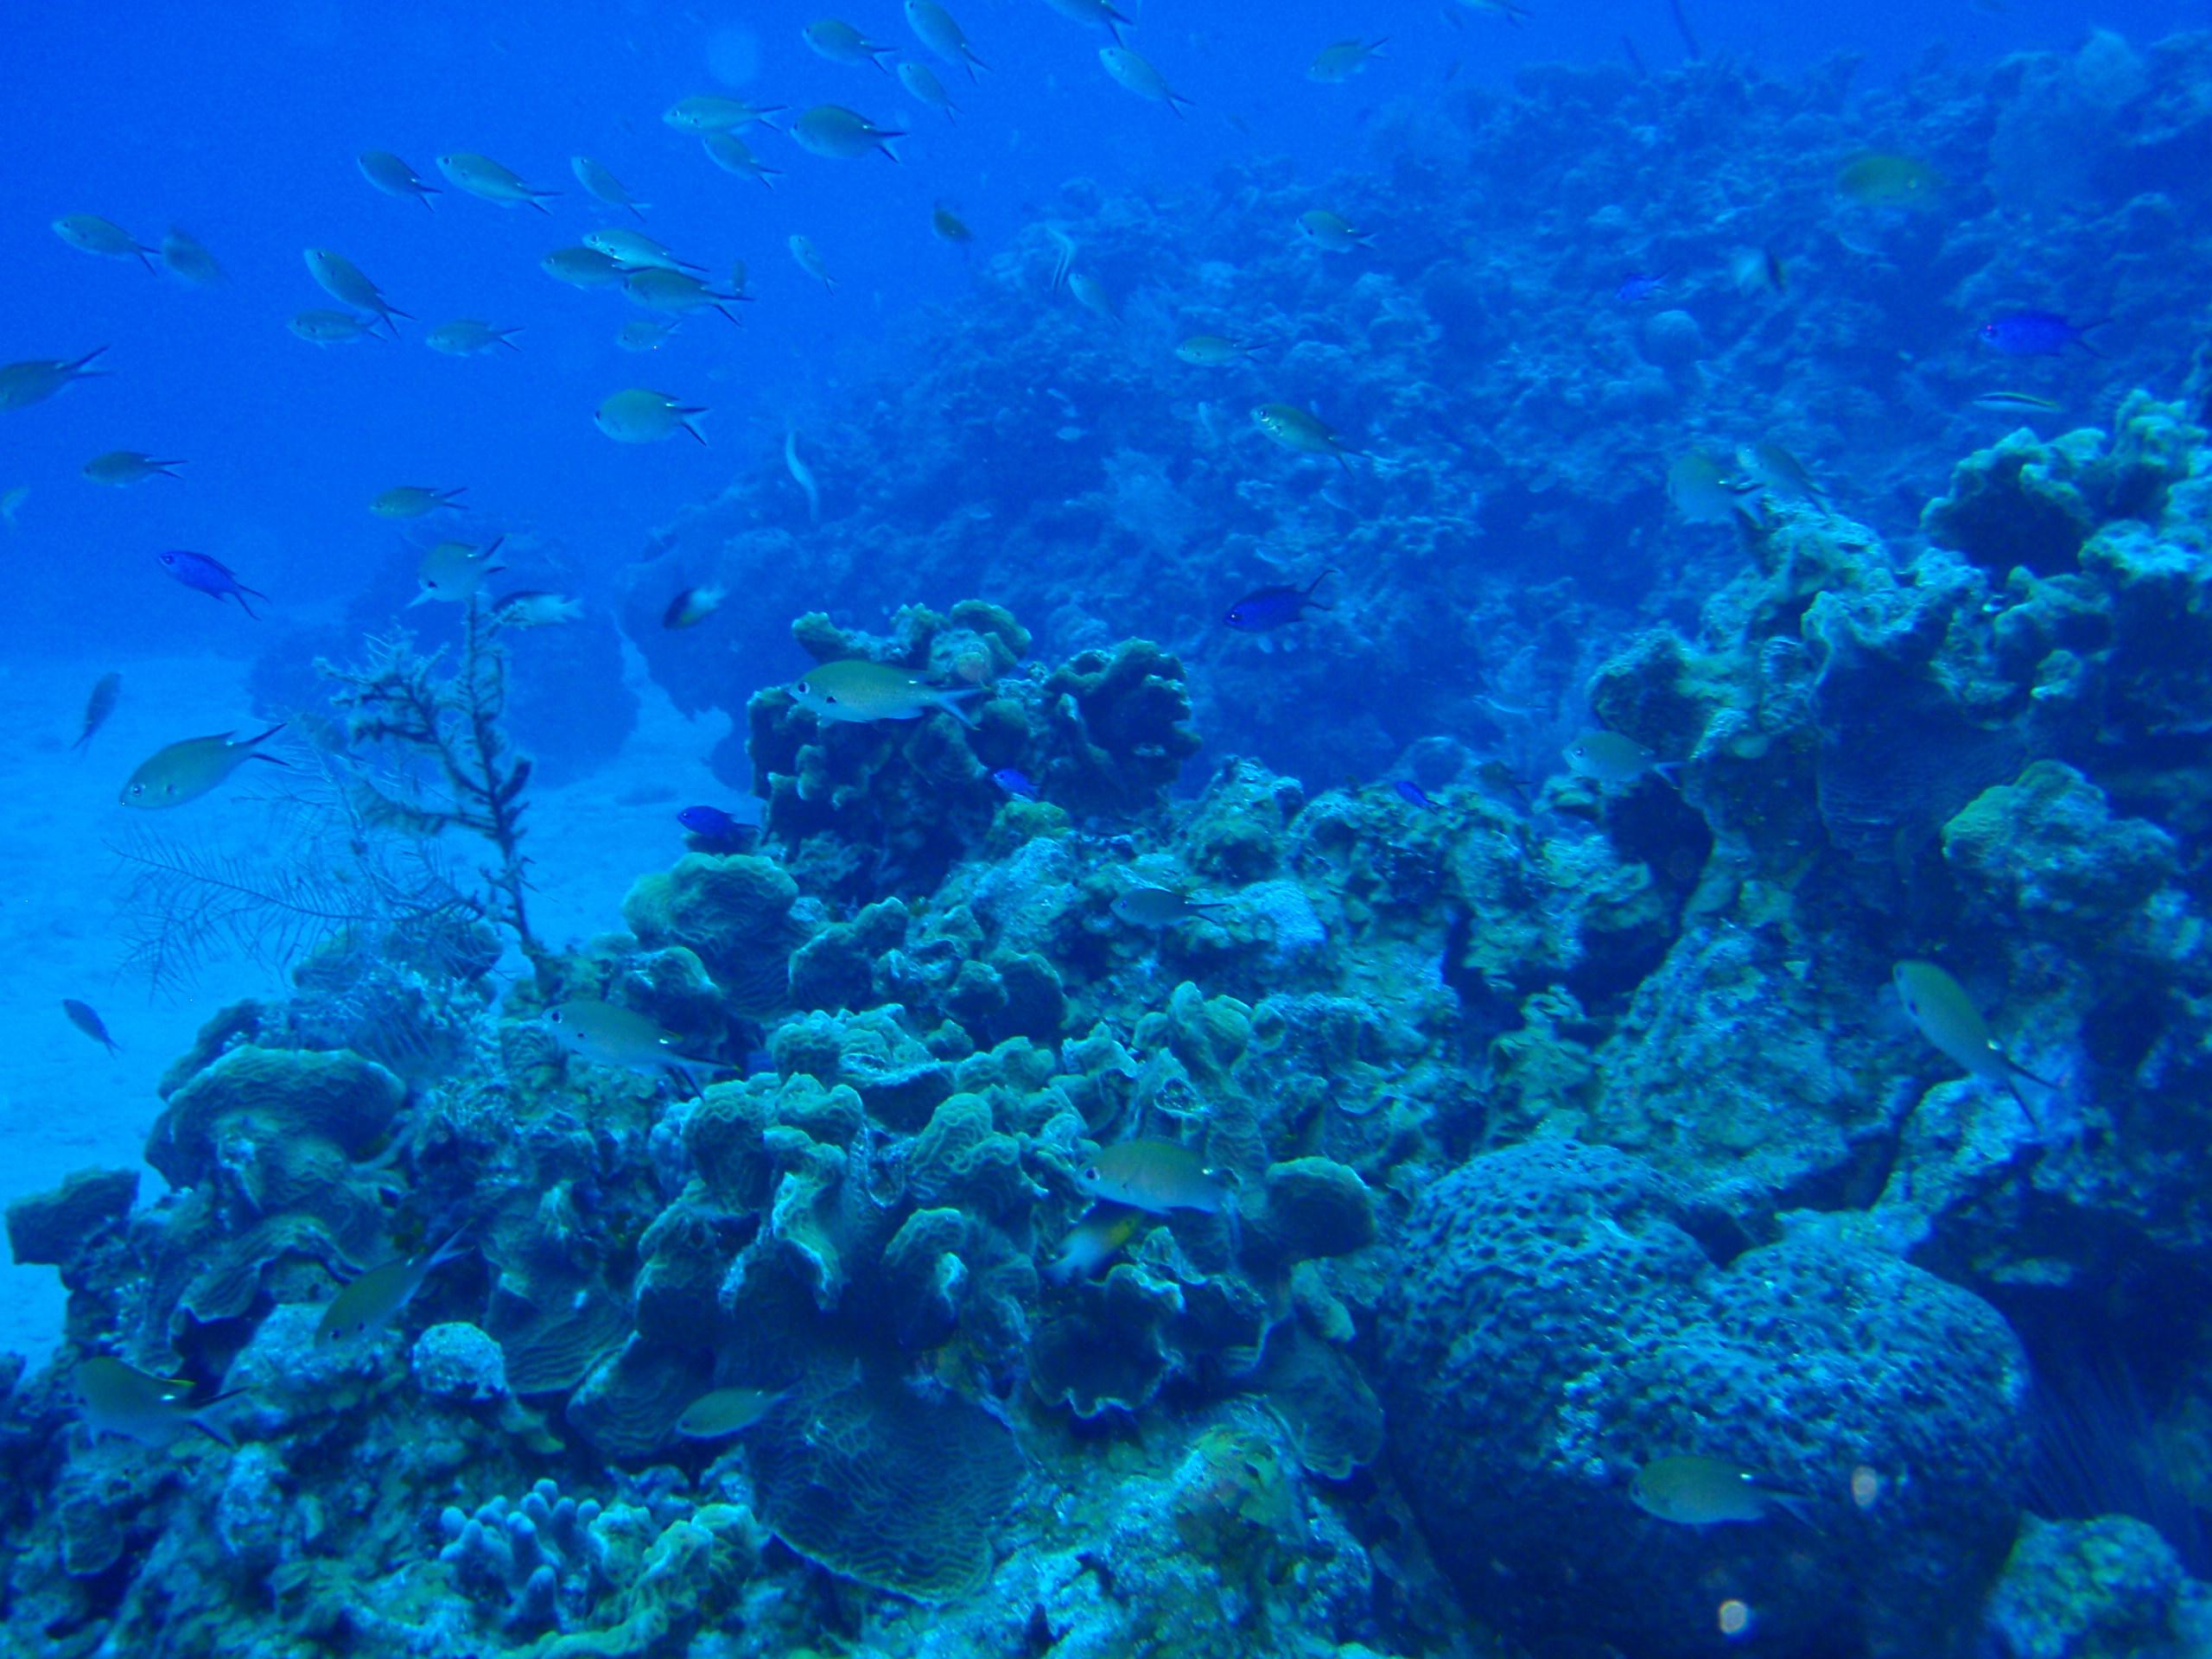 File:Coral Reef, Belize.jpg